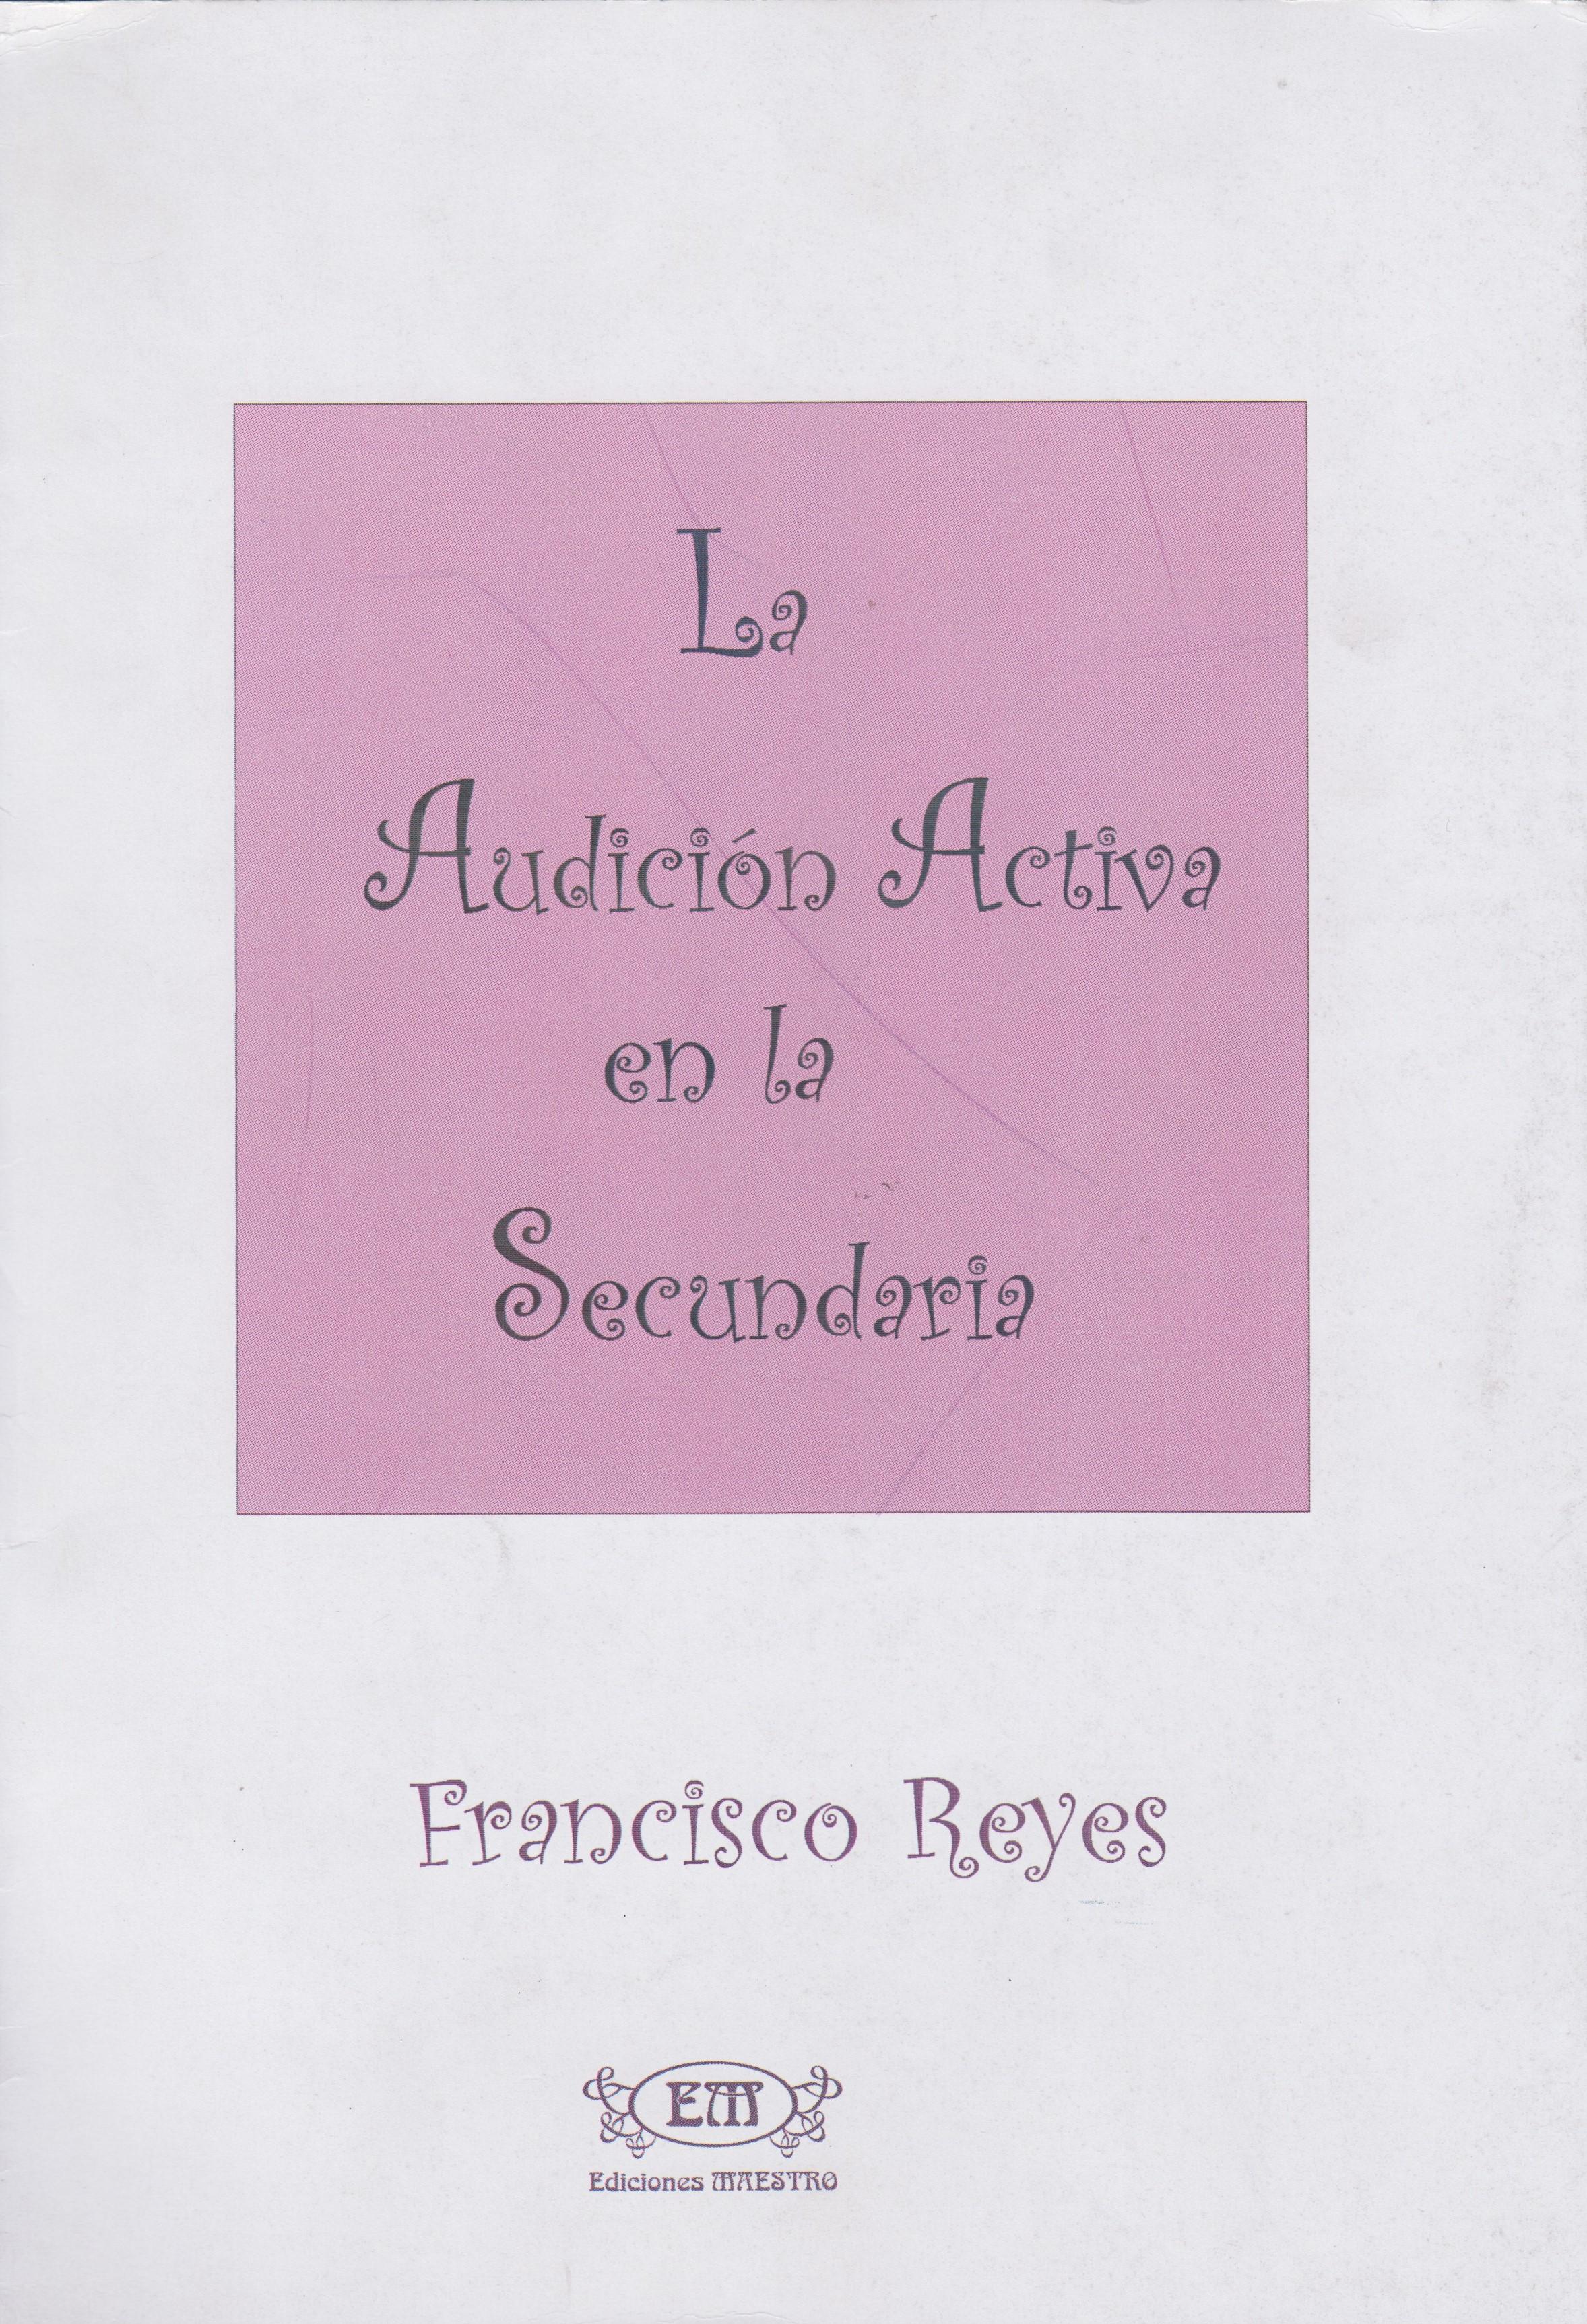 La audición activa en la secundaria. Francisco Reyes